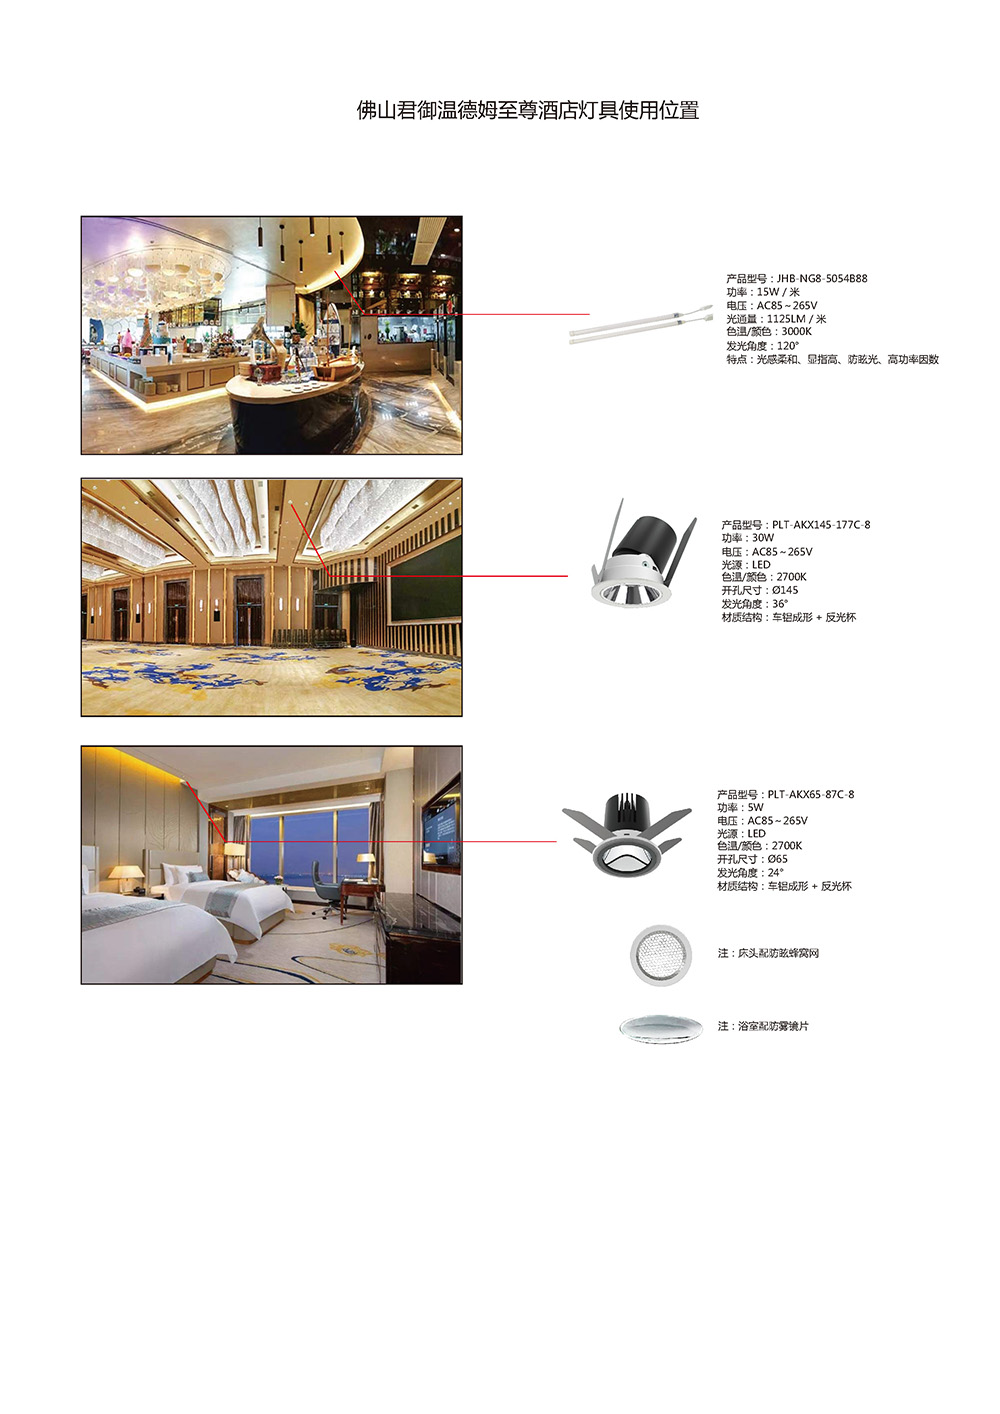 JPEG-5佛山君御温德姆至尊酒店